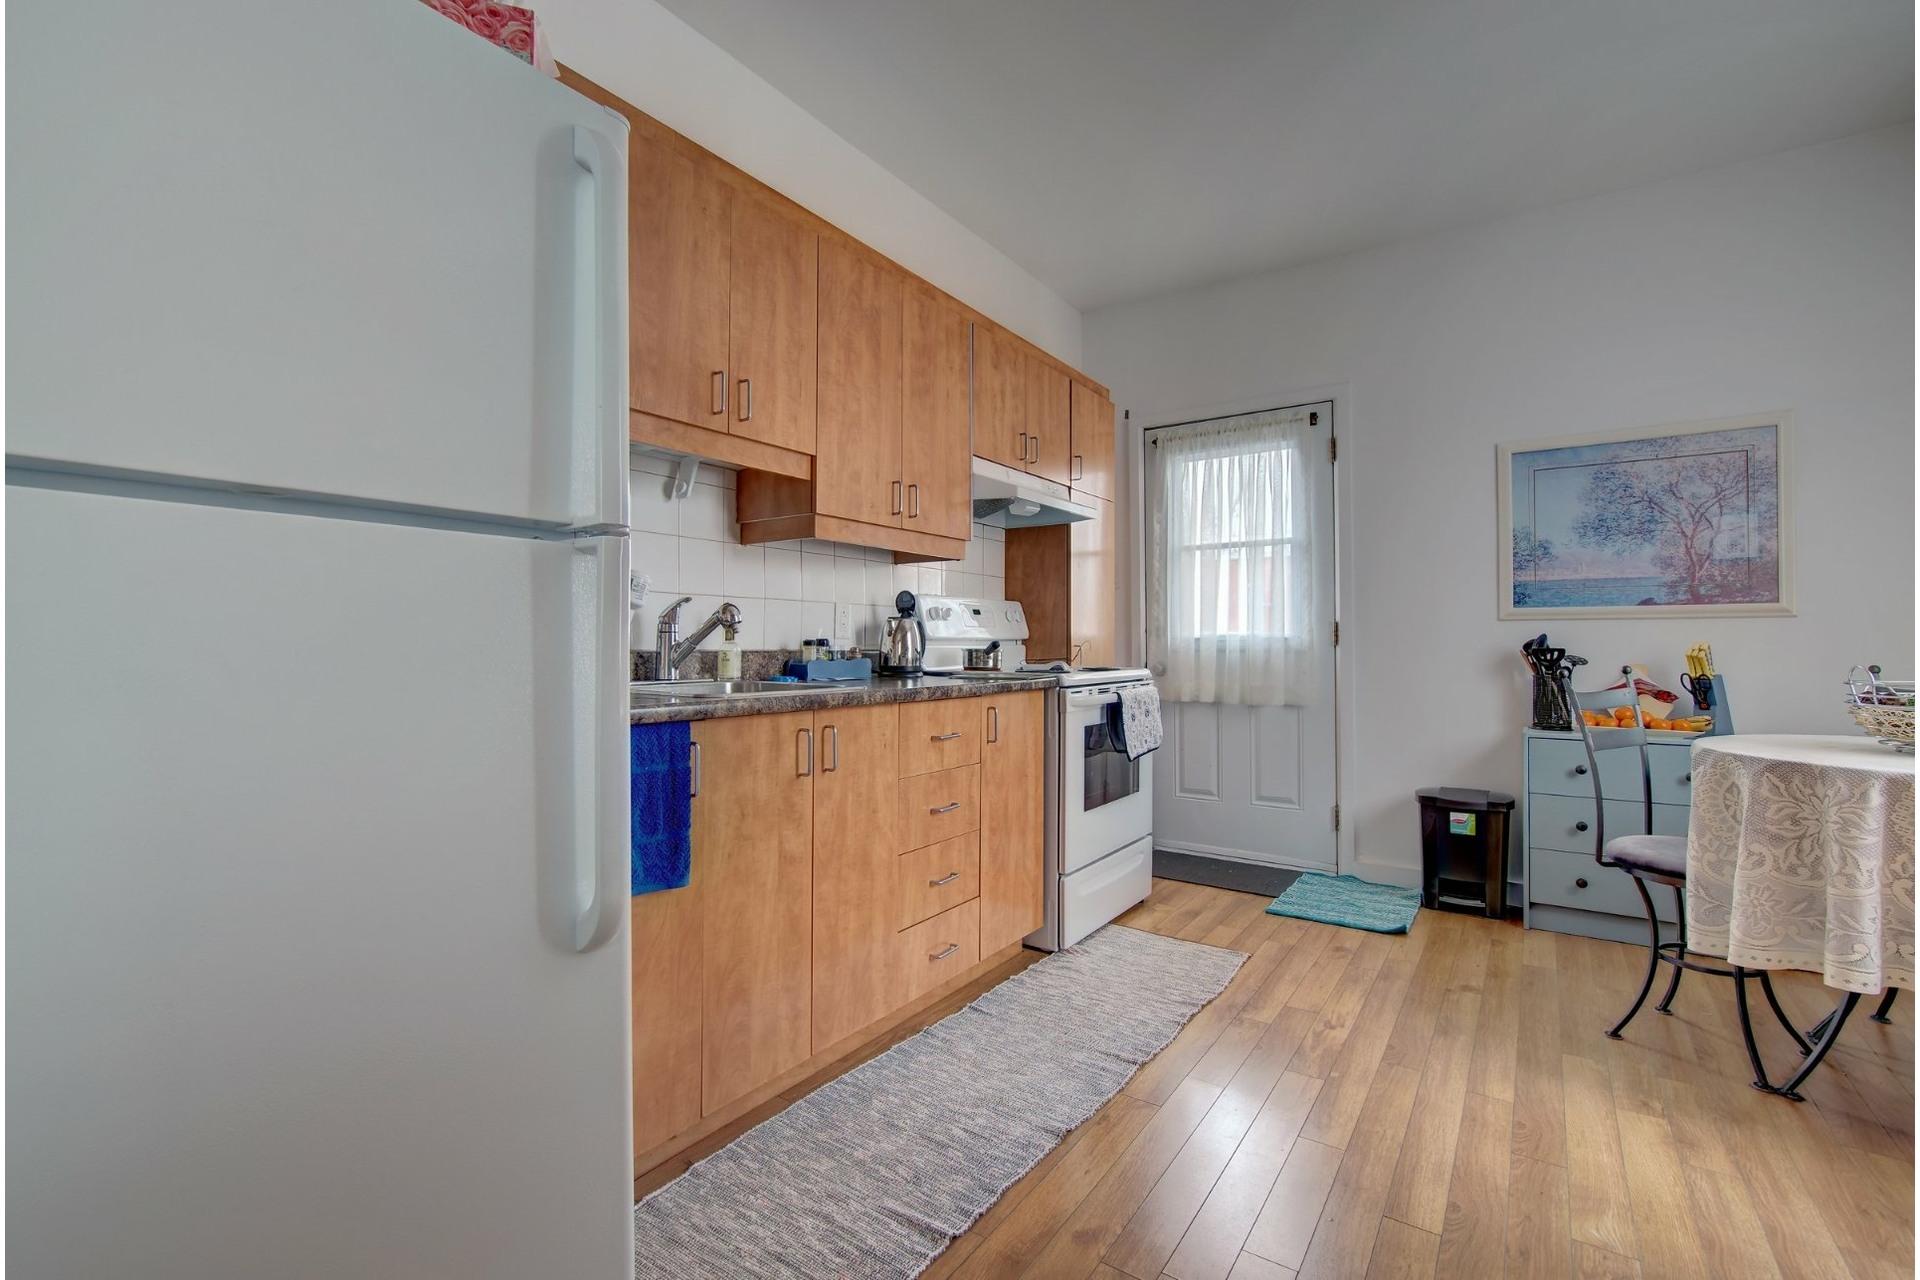 image 7 - Quadruplex For sale Rivière-des-Prairies/Pointe-aux-Trembles Montréal  - 4 rooms